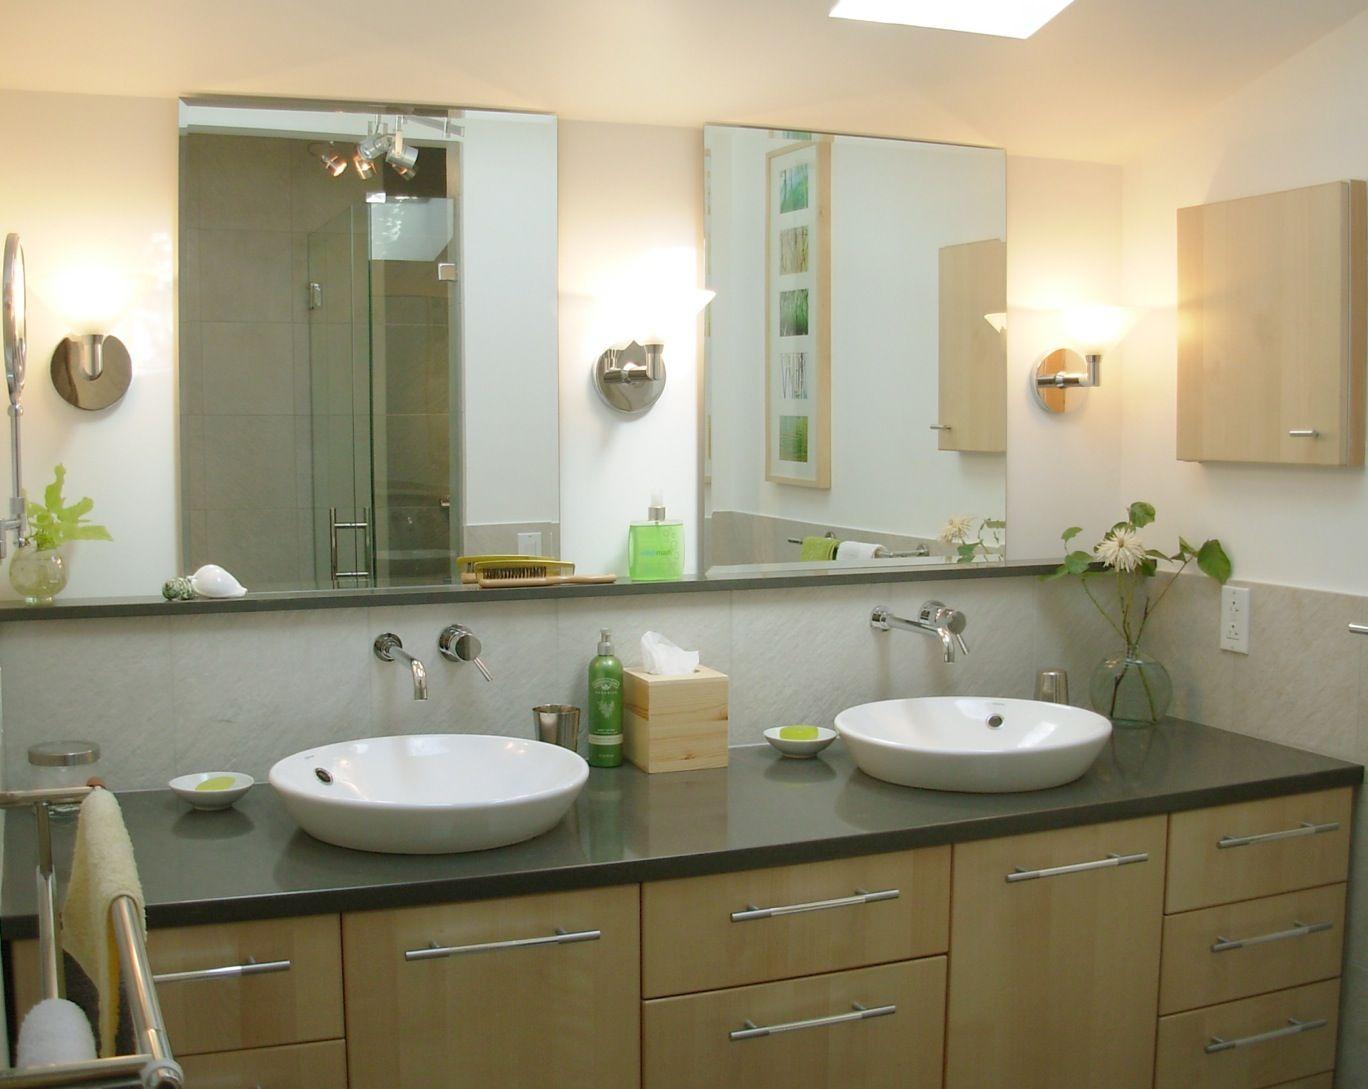 Image Of Double Sink Bathroom Vanity with Vessel Sinks StylesHouse